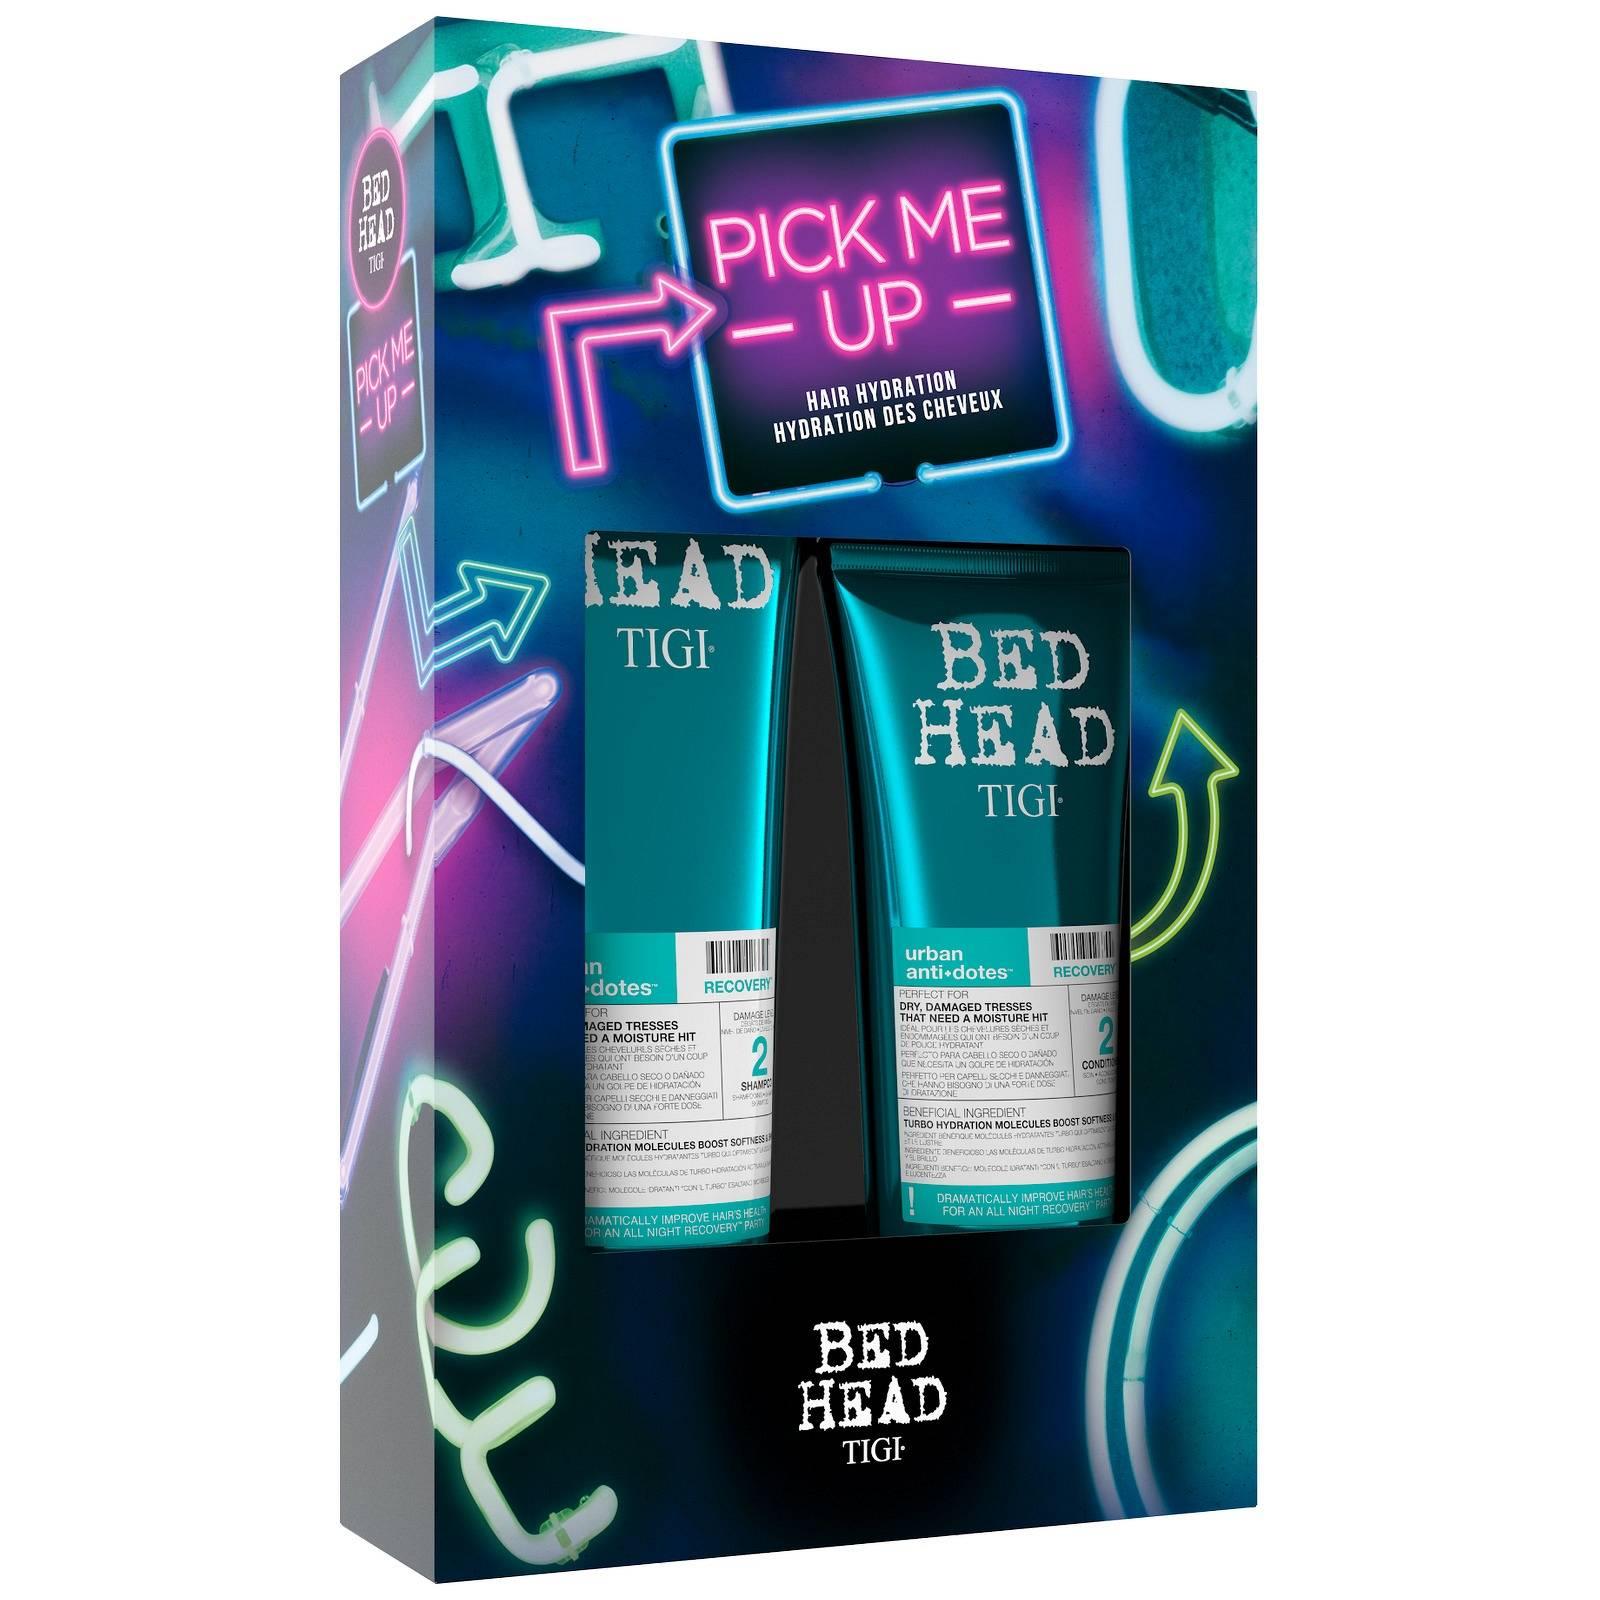 TIGI Набор для реабилитации волос Восстановление (шампунь 250 мл, кондиционер 200 мл) BED HEAD RECOVERY - Наборы